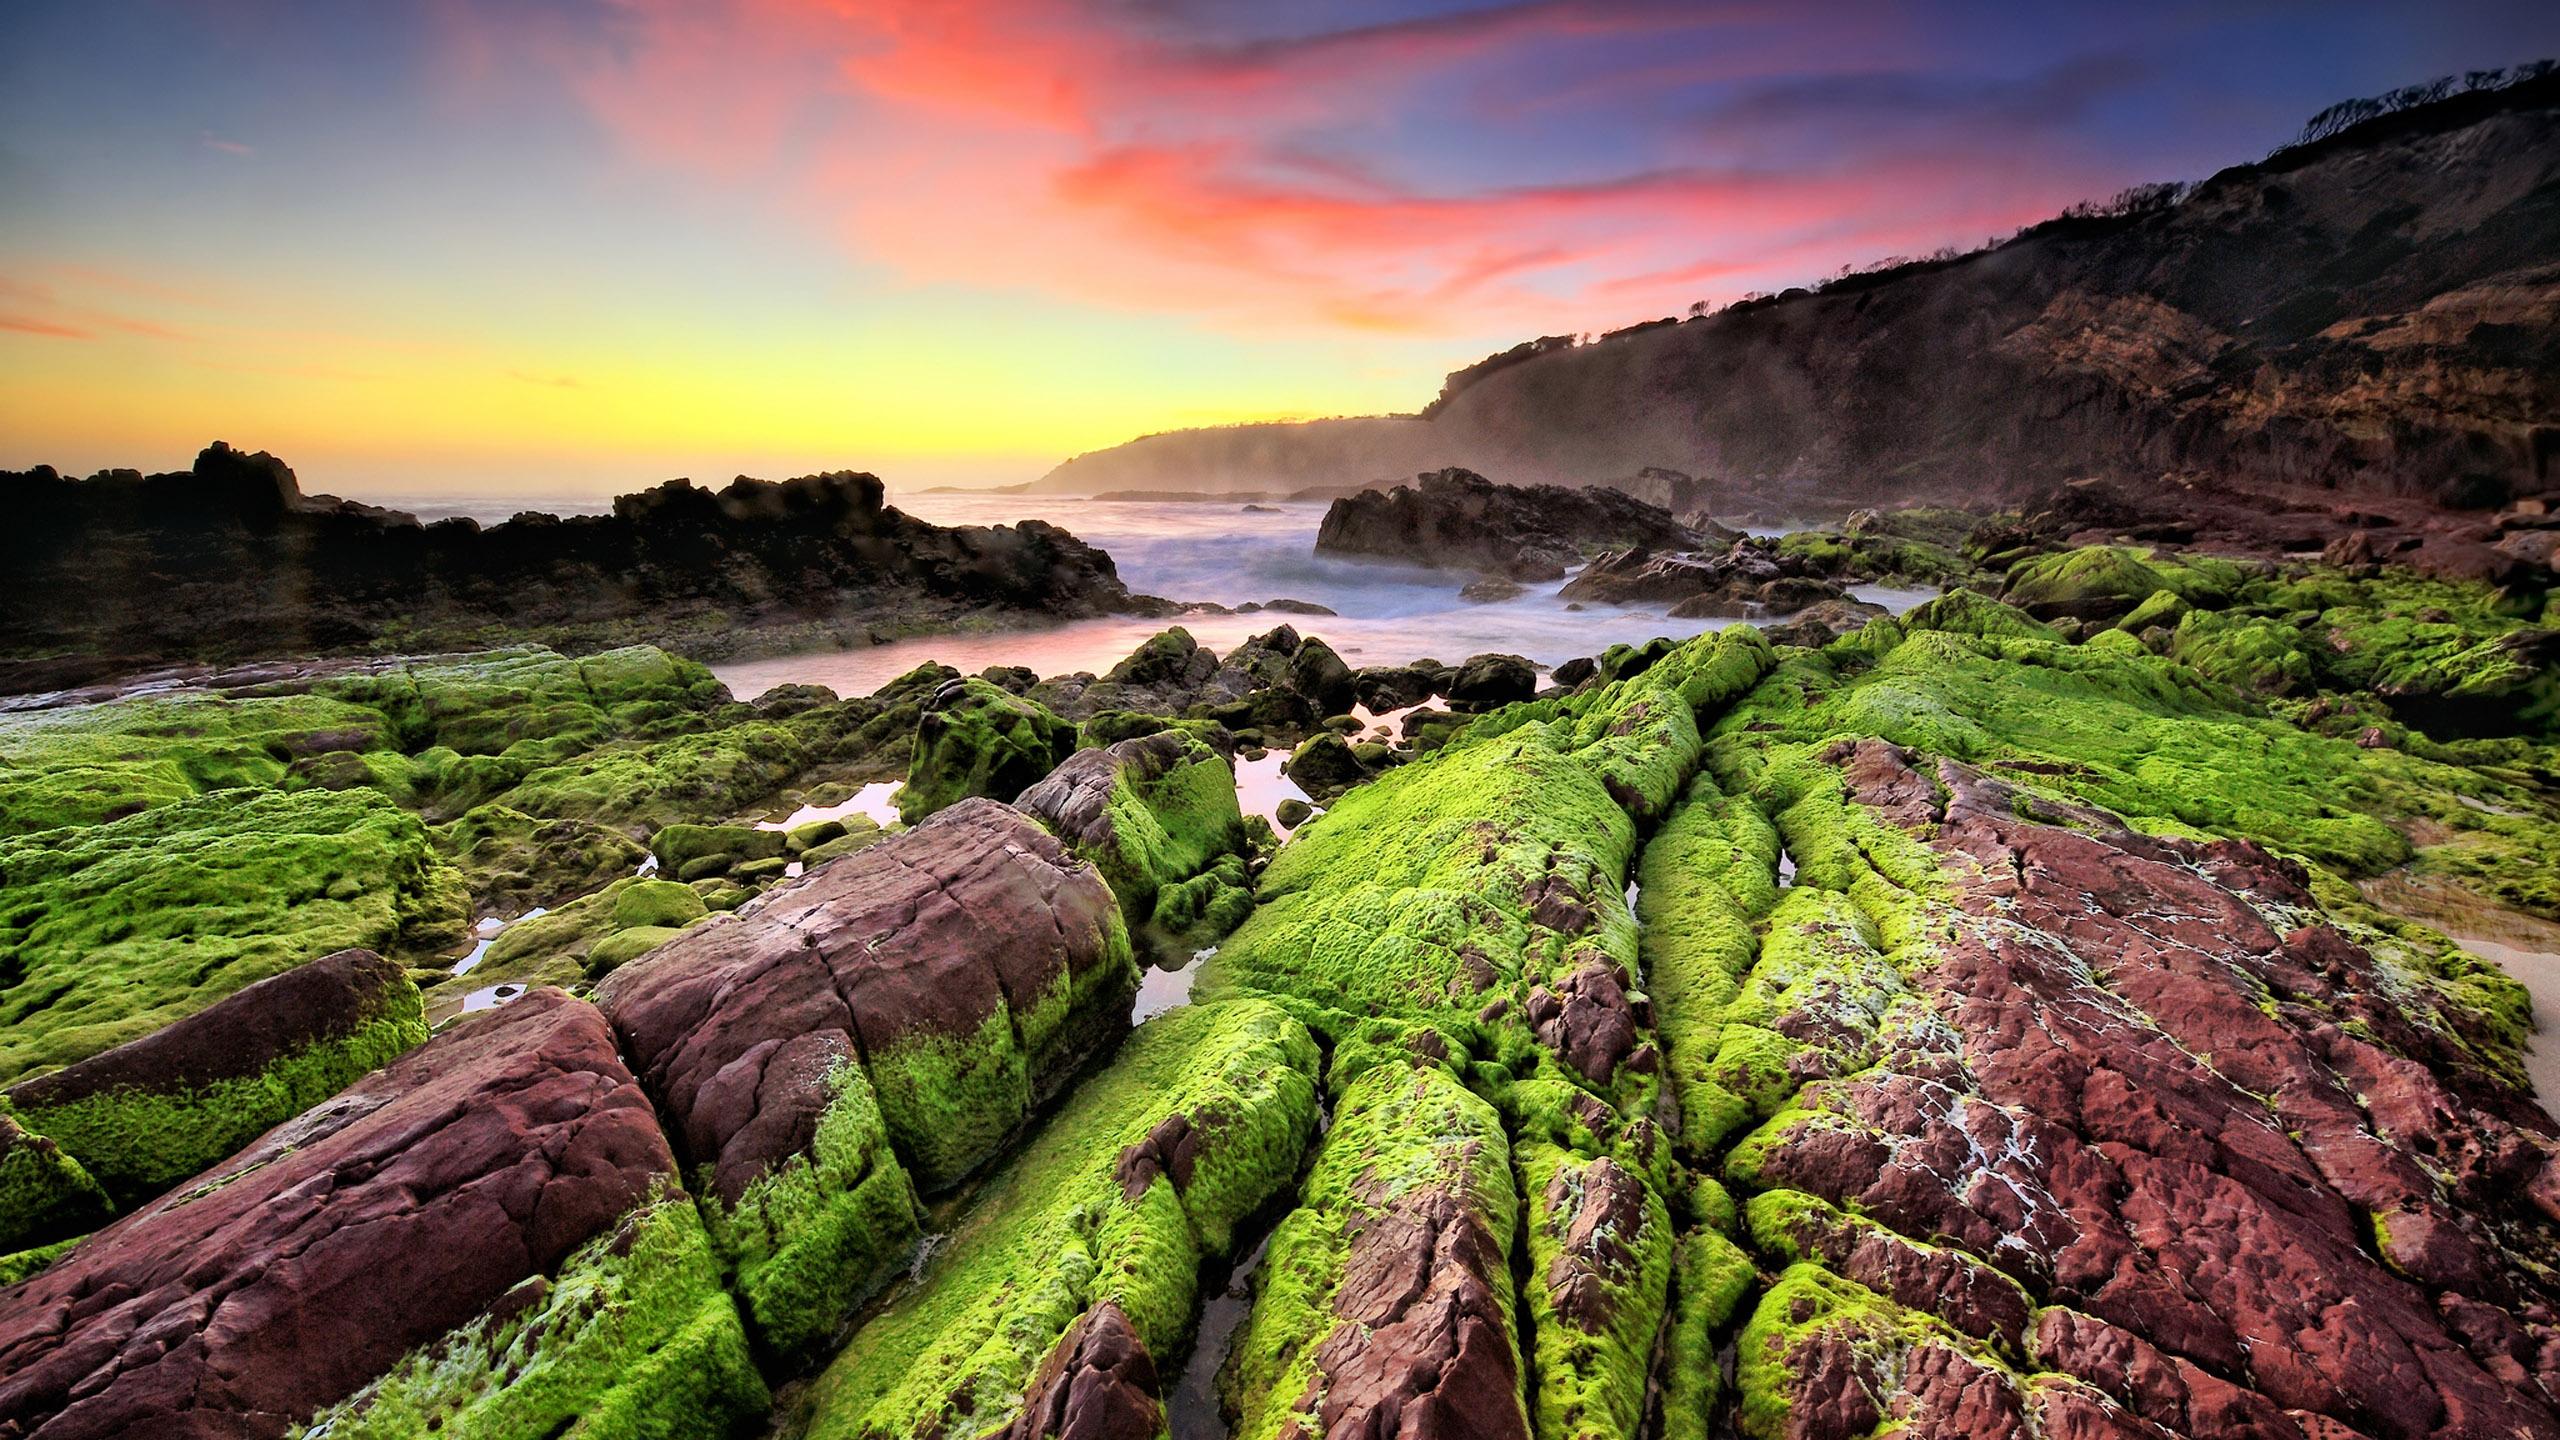 2560x1440 wallpaper landscape - photo #10